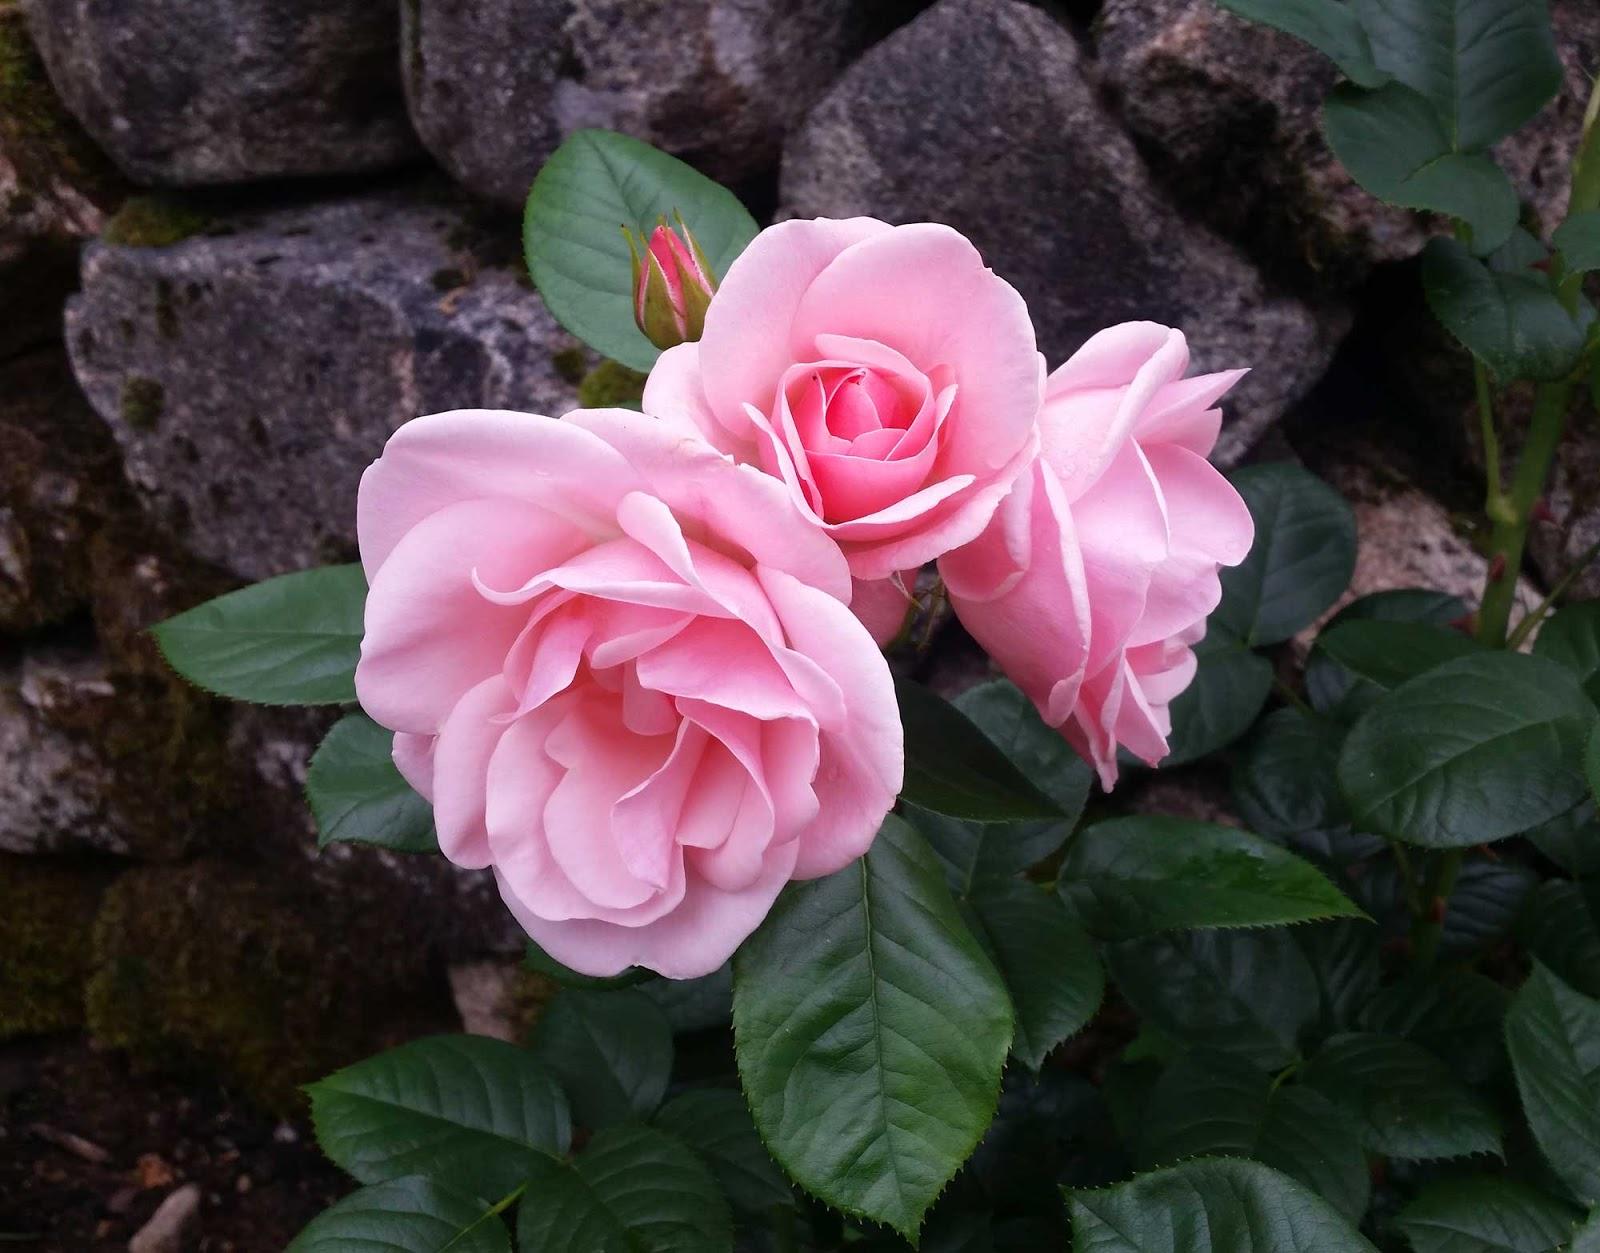 astrid lindgren rosenbuske